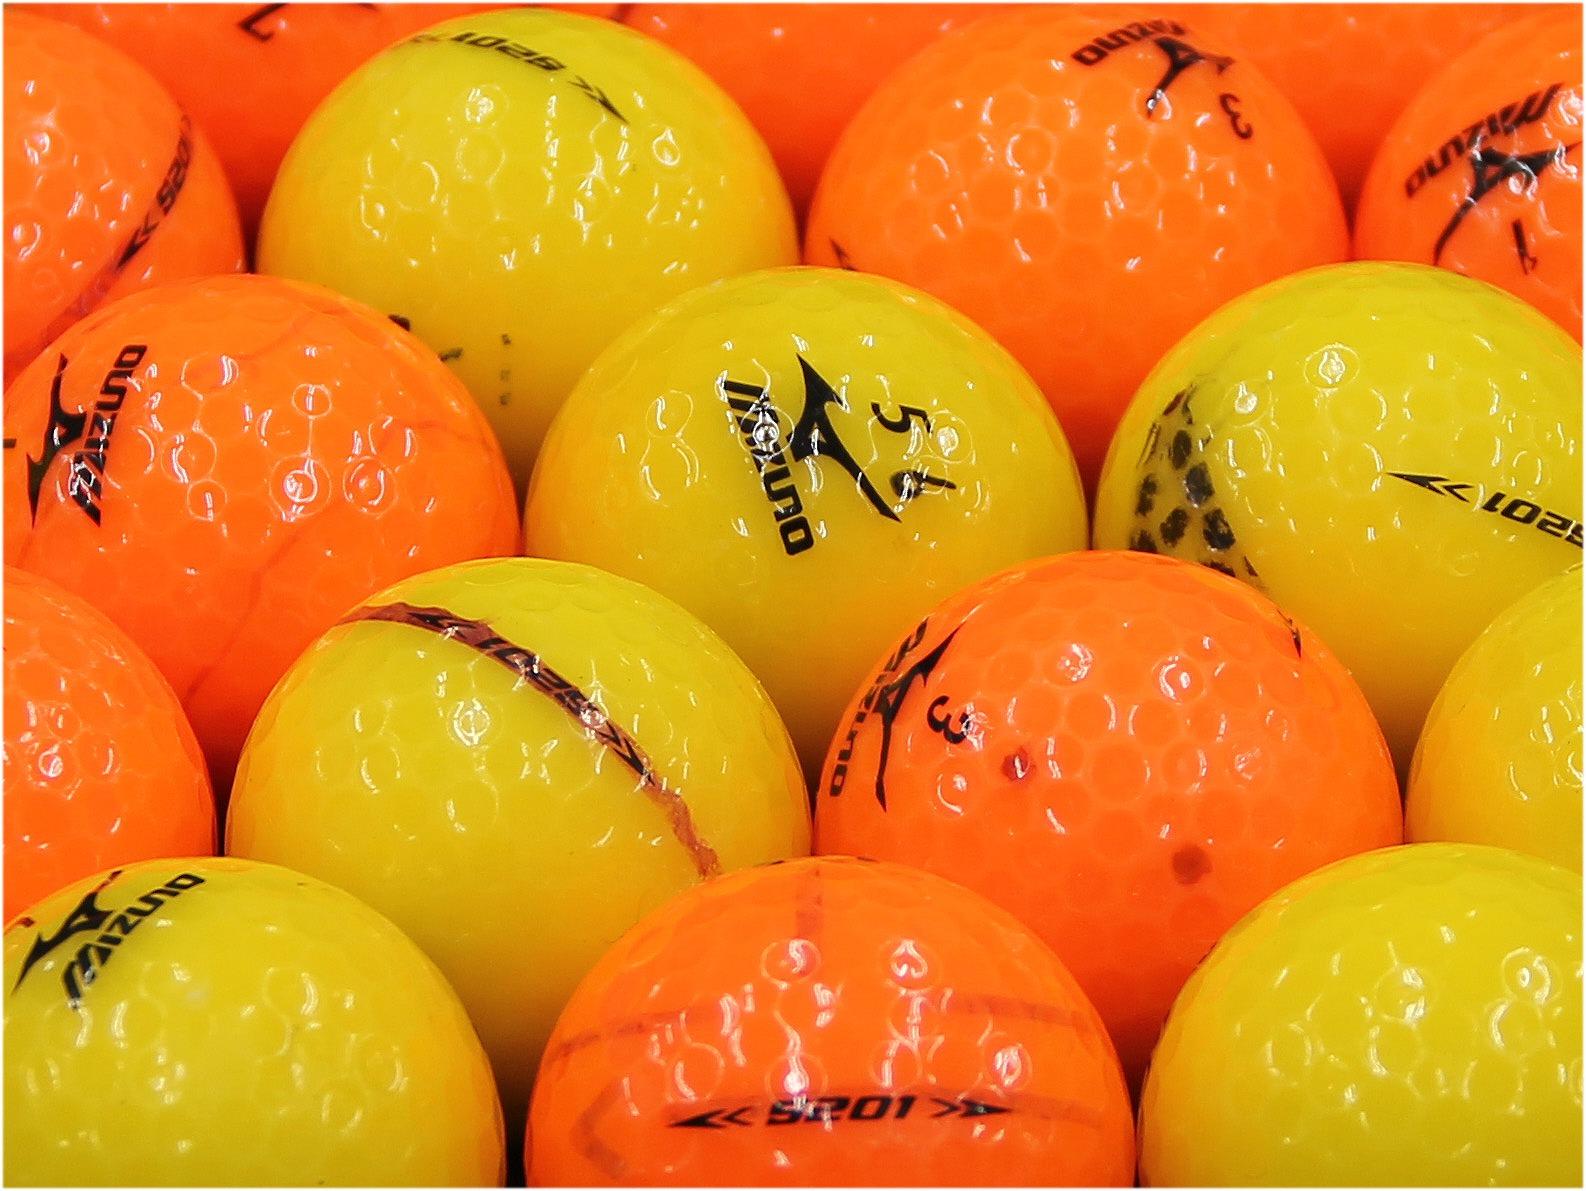 【ABランク落書き】ミズノ S201 カラーボール混合 2012年モデル 1個